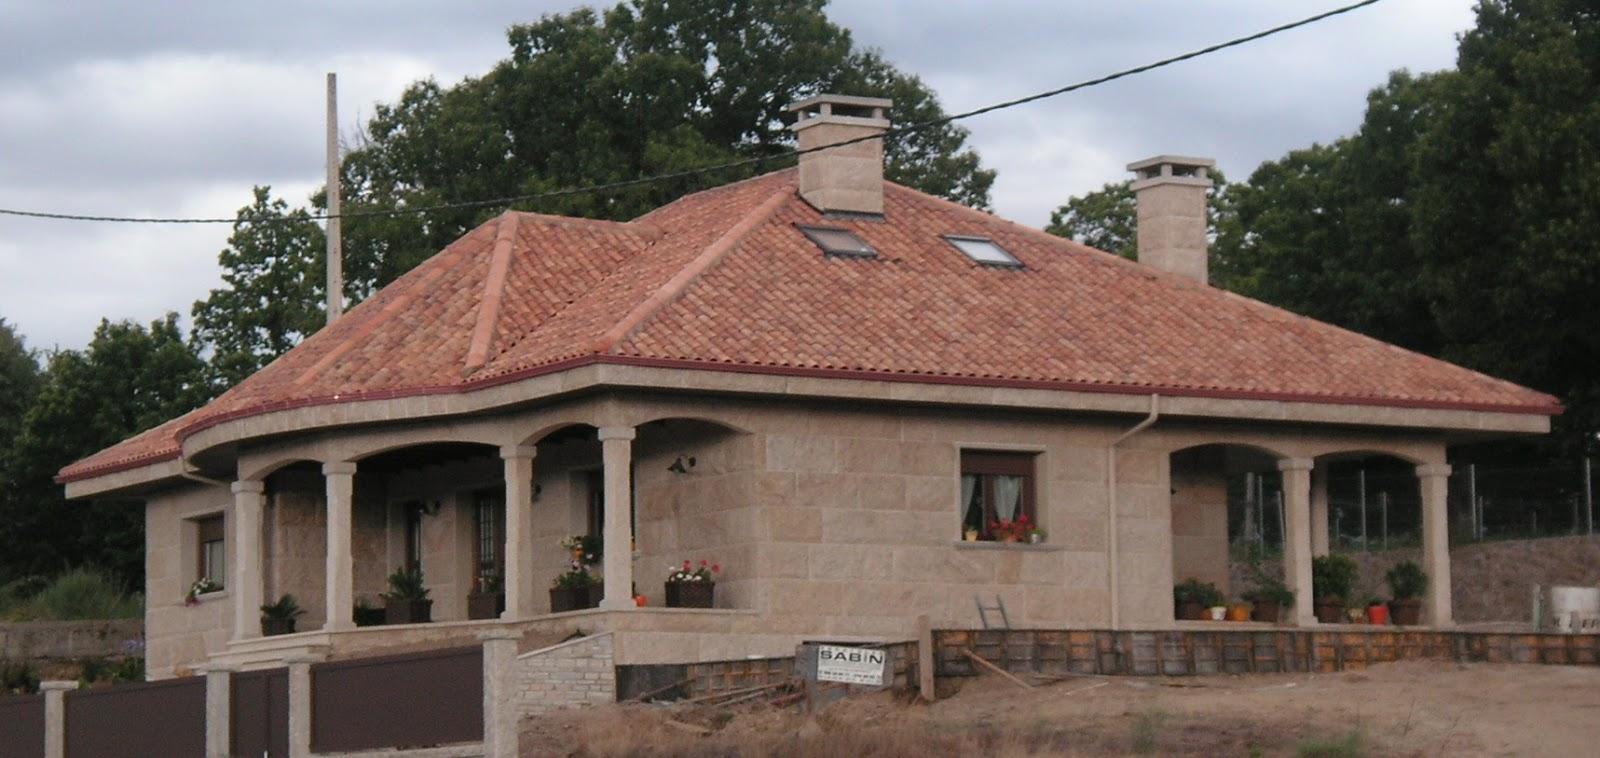 Casas americanas casas de piedra - Casas de piedra gallegas ...